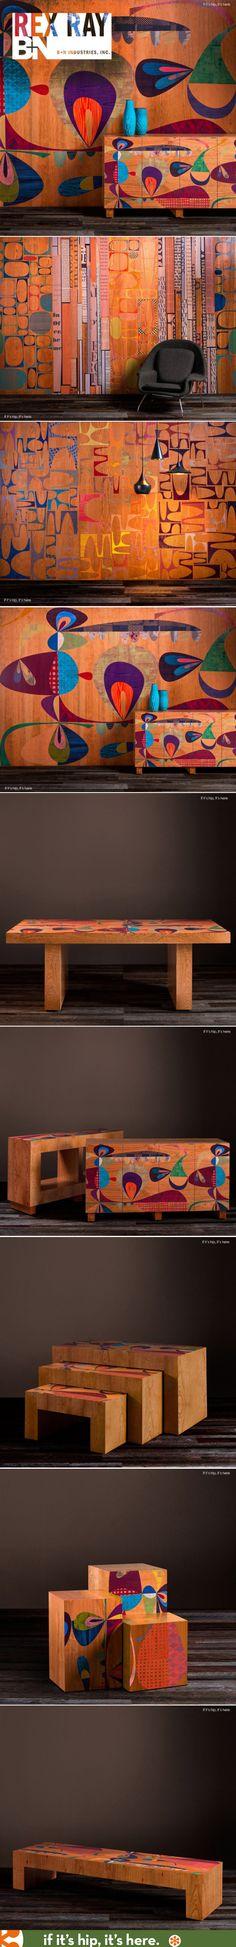 intérieur, déco : Rex Ray for B+N Industries. panneaux de bois et mobilier peint, peinture décorative